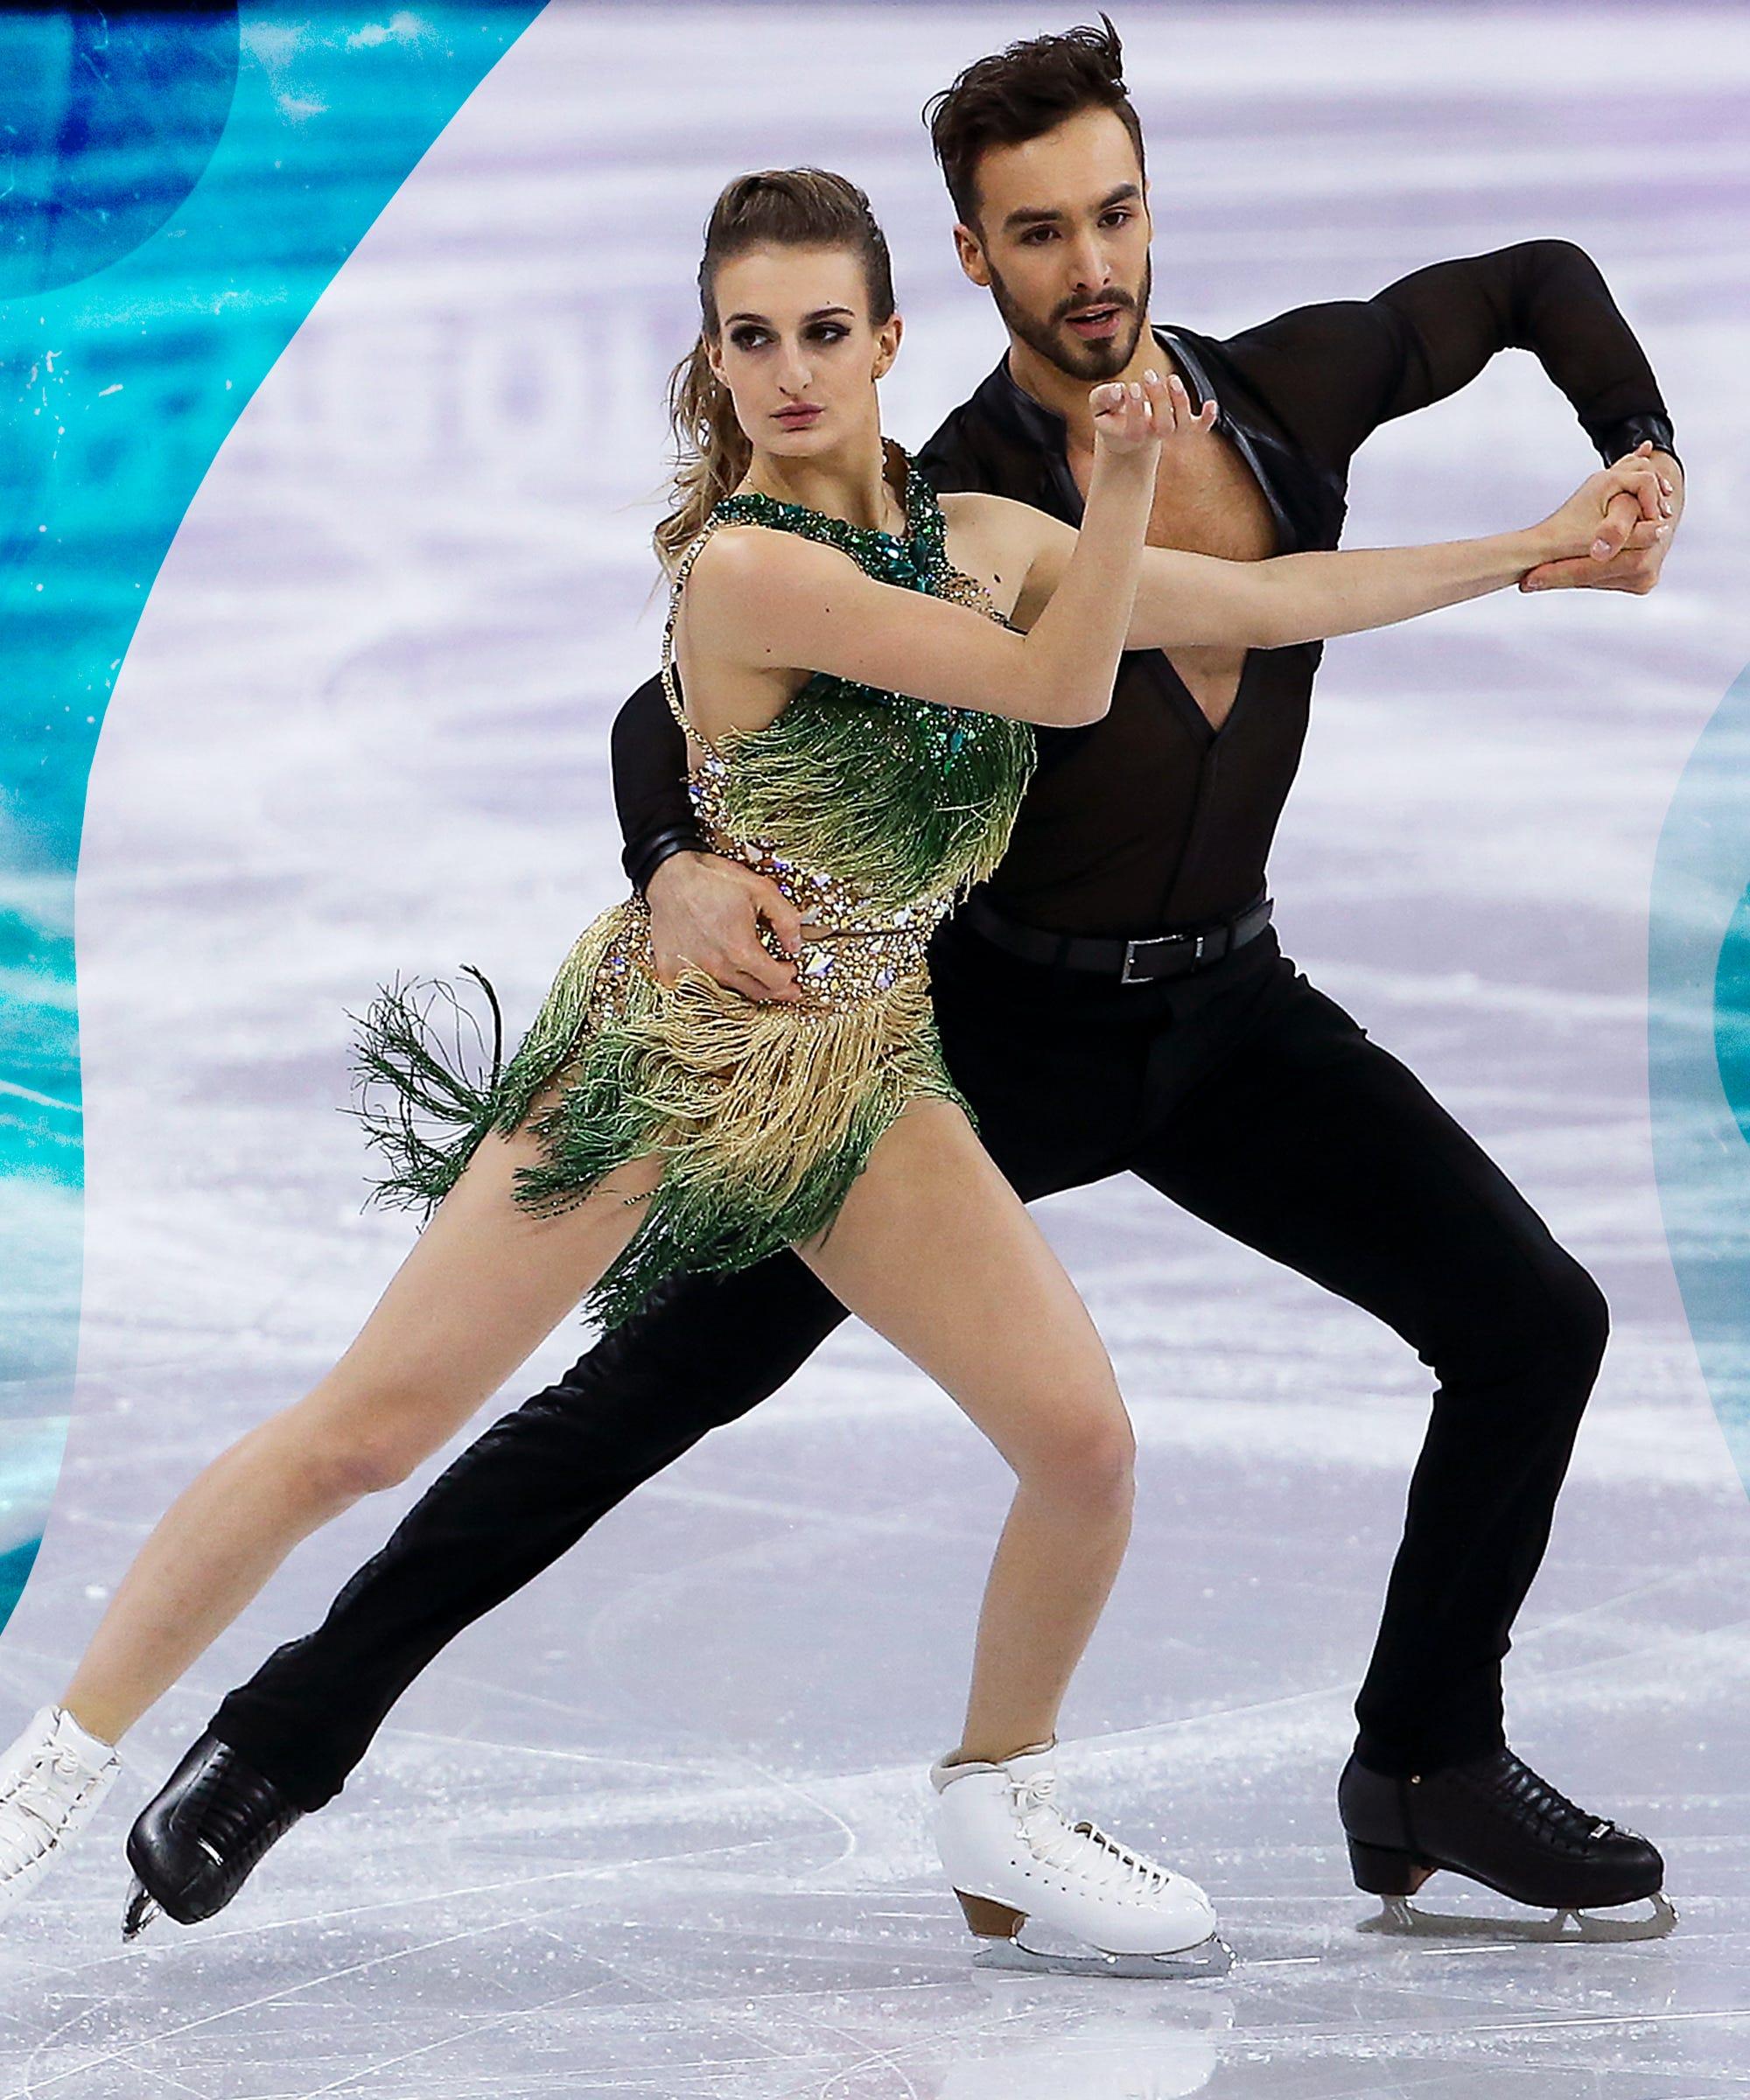 Olympic Ice Skating Wardrobe Malfunction Explained